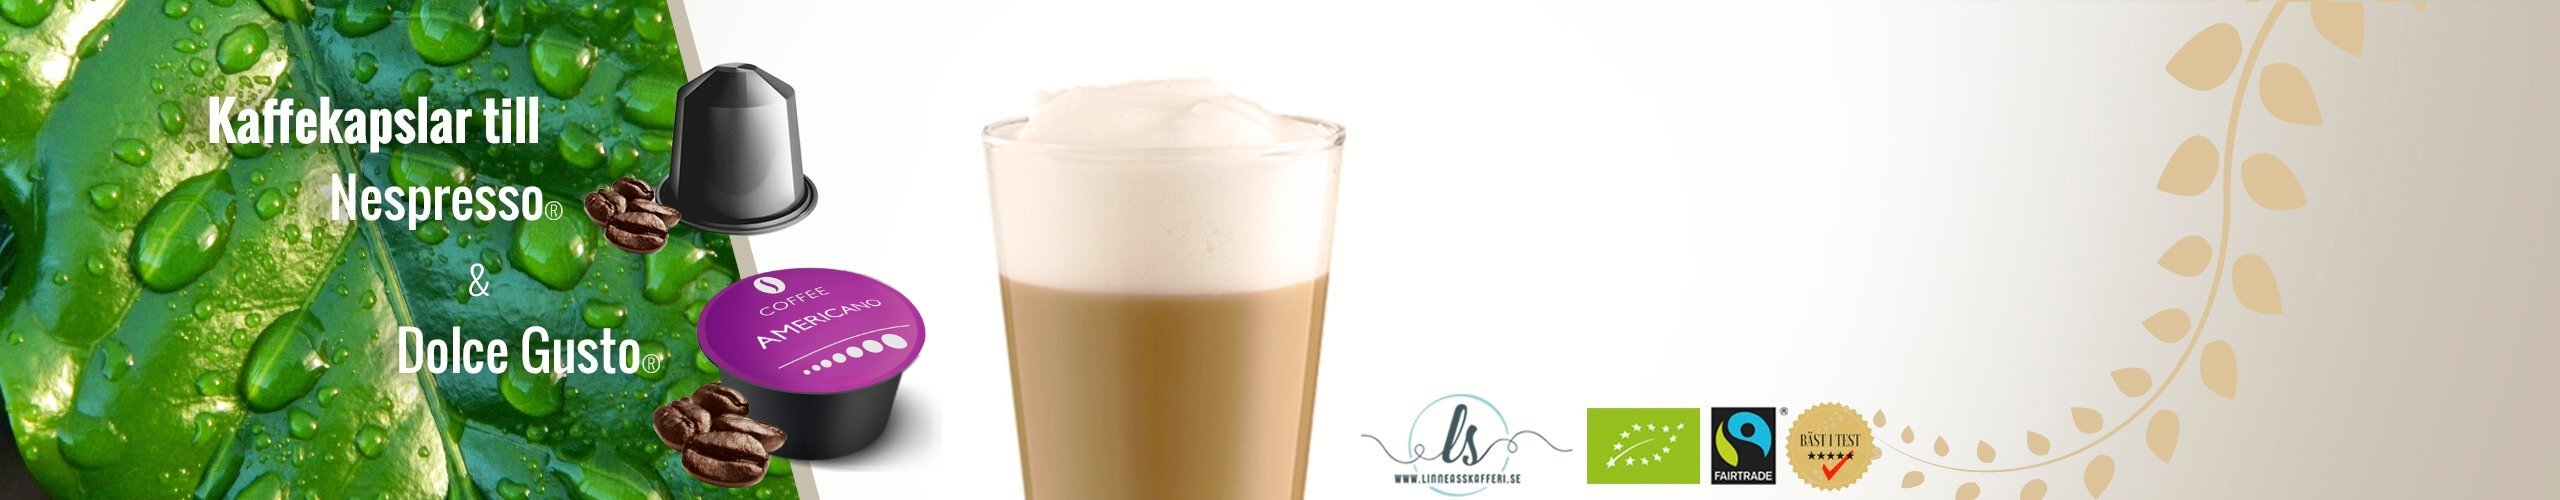 Test-vinnar-kaffe!